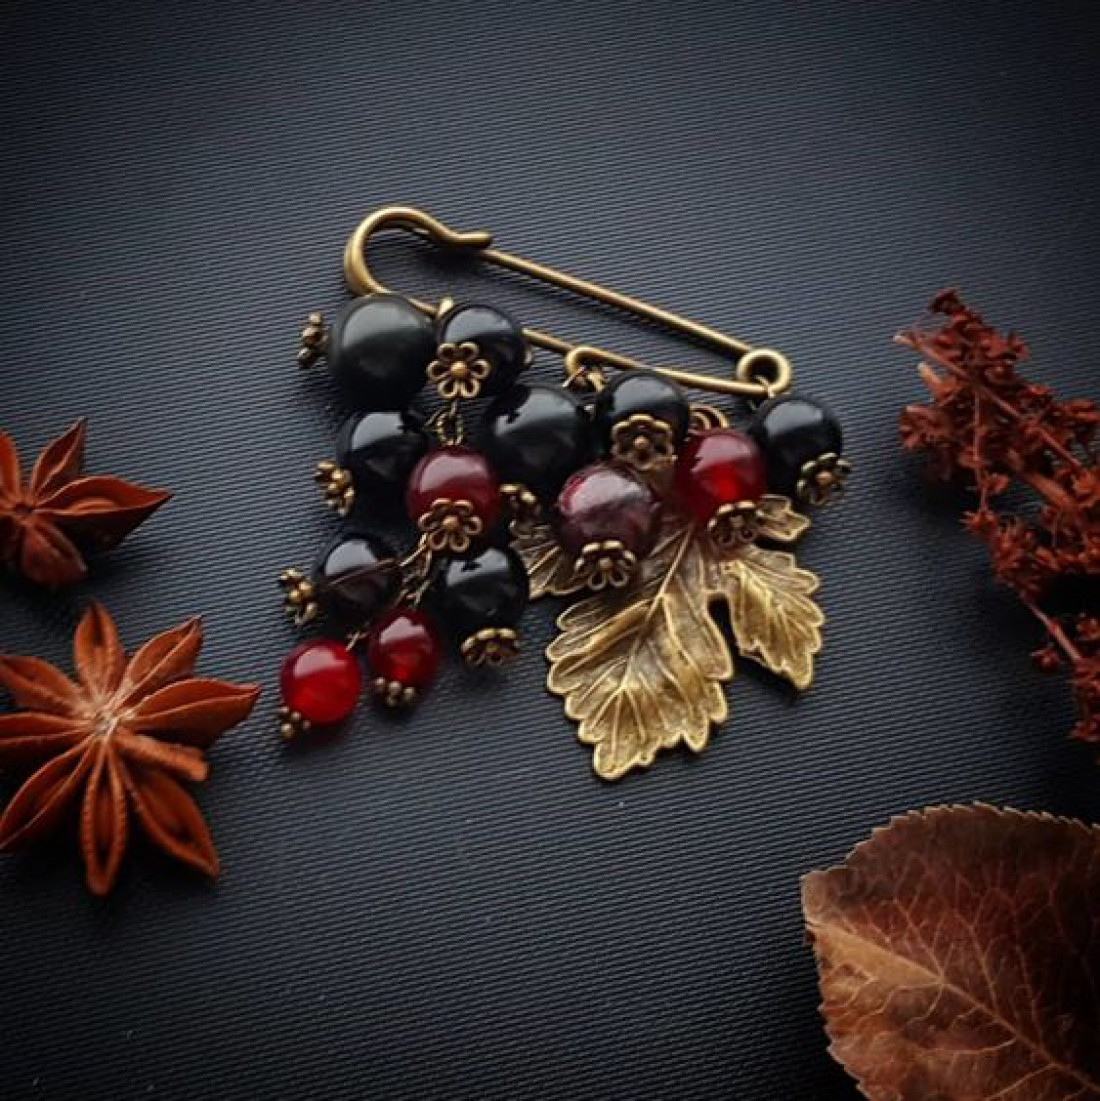 Подарок для мамы: Украшение из натуральных камней - от 200 грн